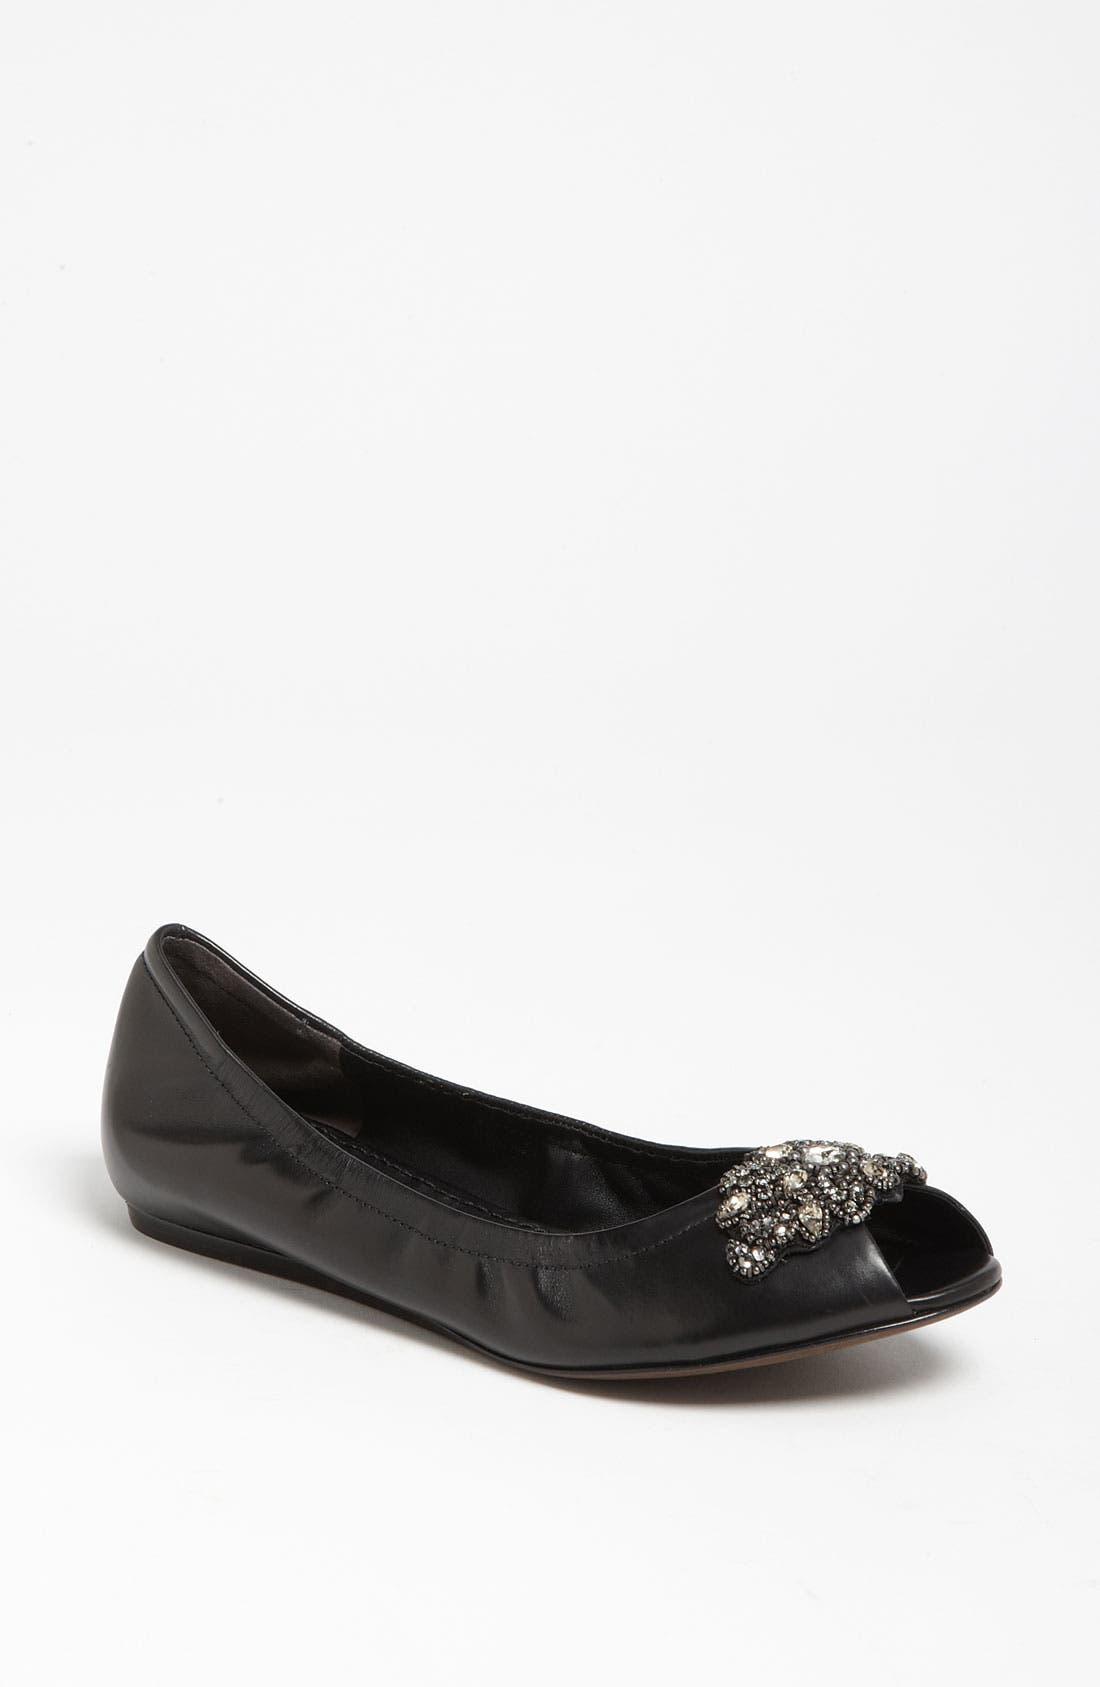 Alternate Image 1 Selected - Vera Wang Footwear 'Lanelle' Hidden Wedge Flat (Nordstrom Exclusive)